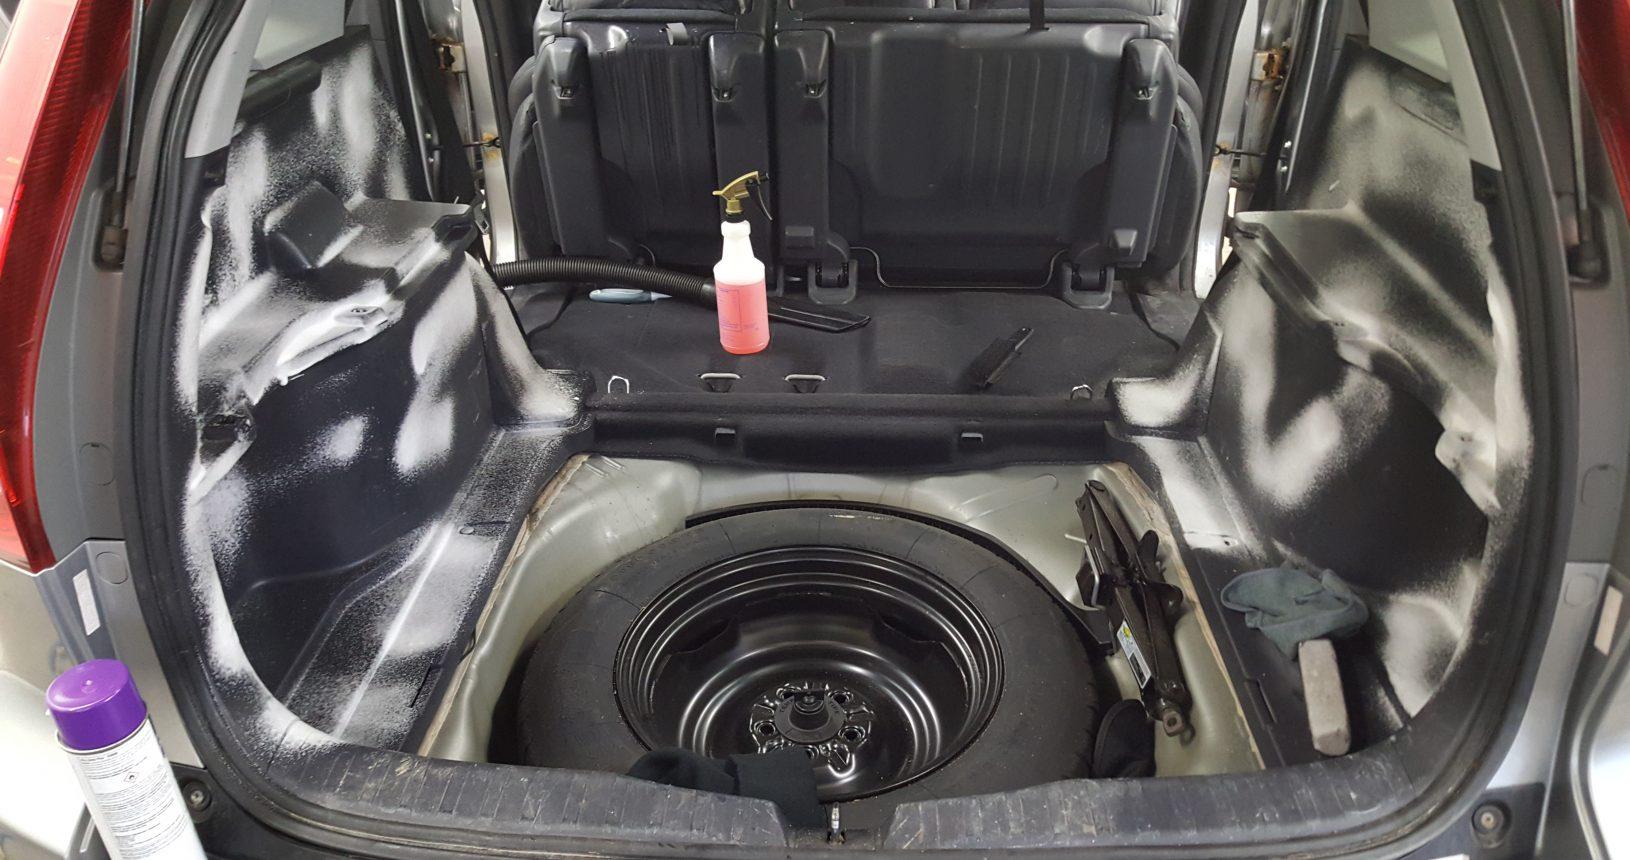 detailing car wash